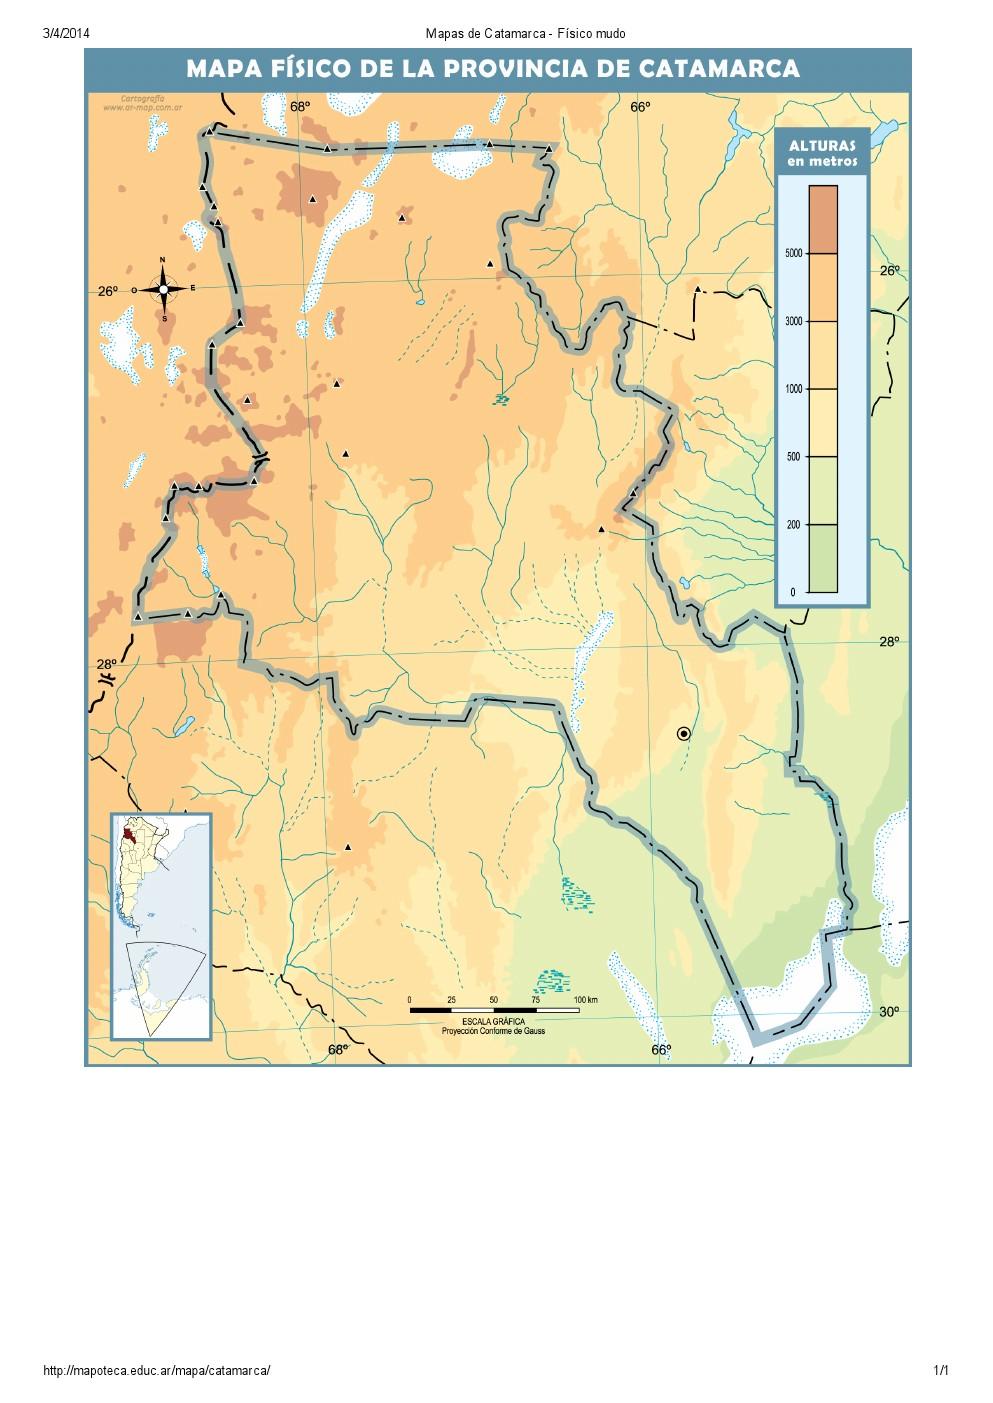 Mapa mudo de ríos de Catamarca. Mapoteca de Educ.ar